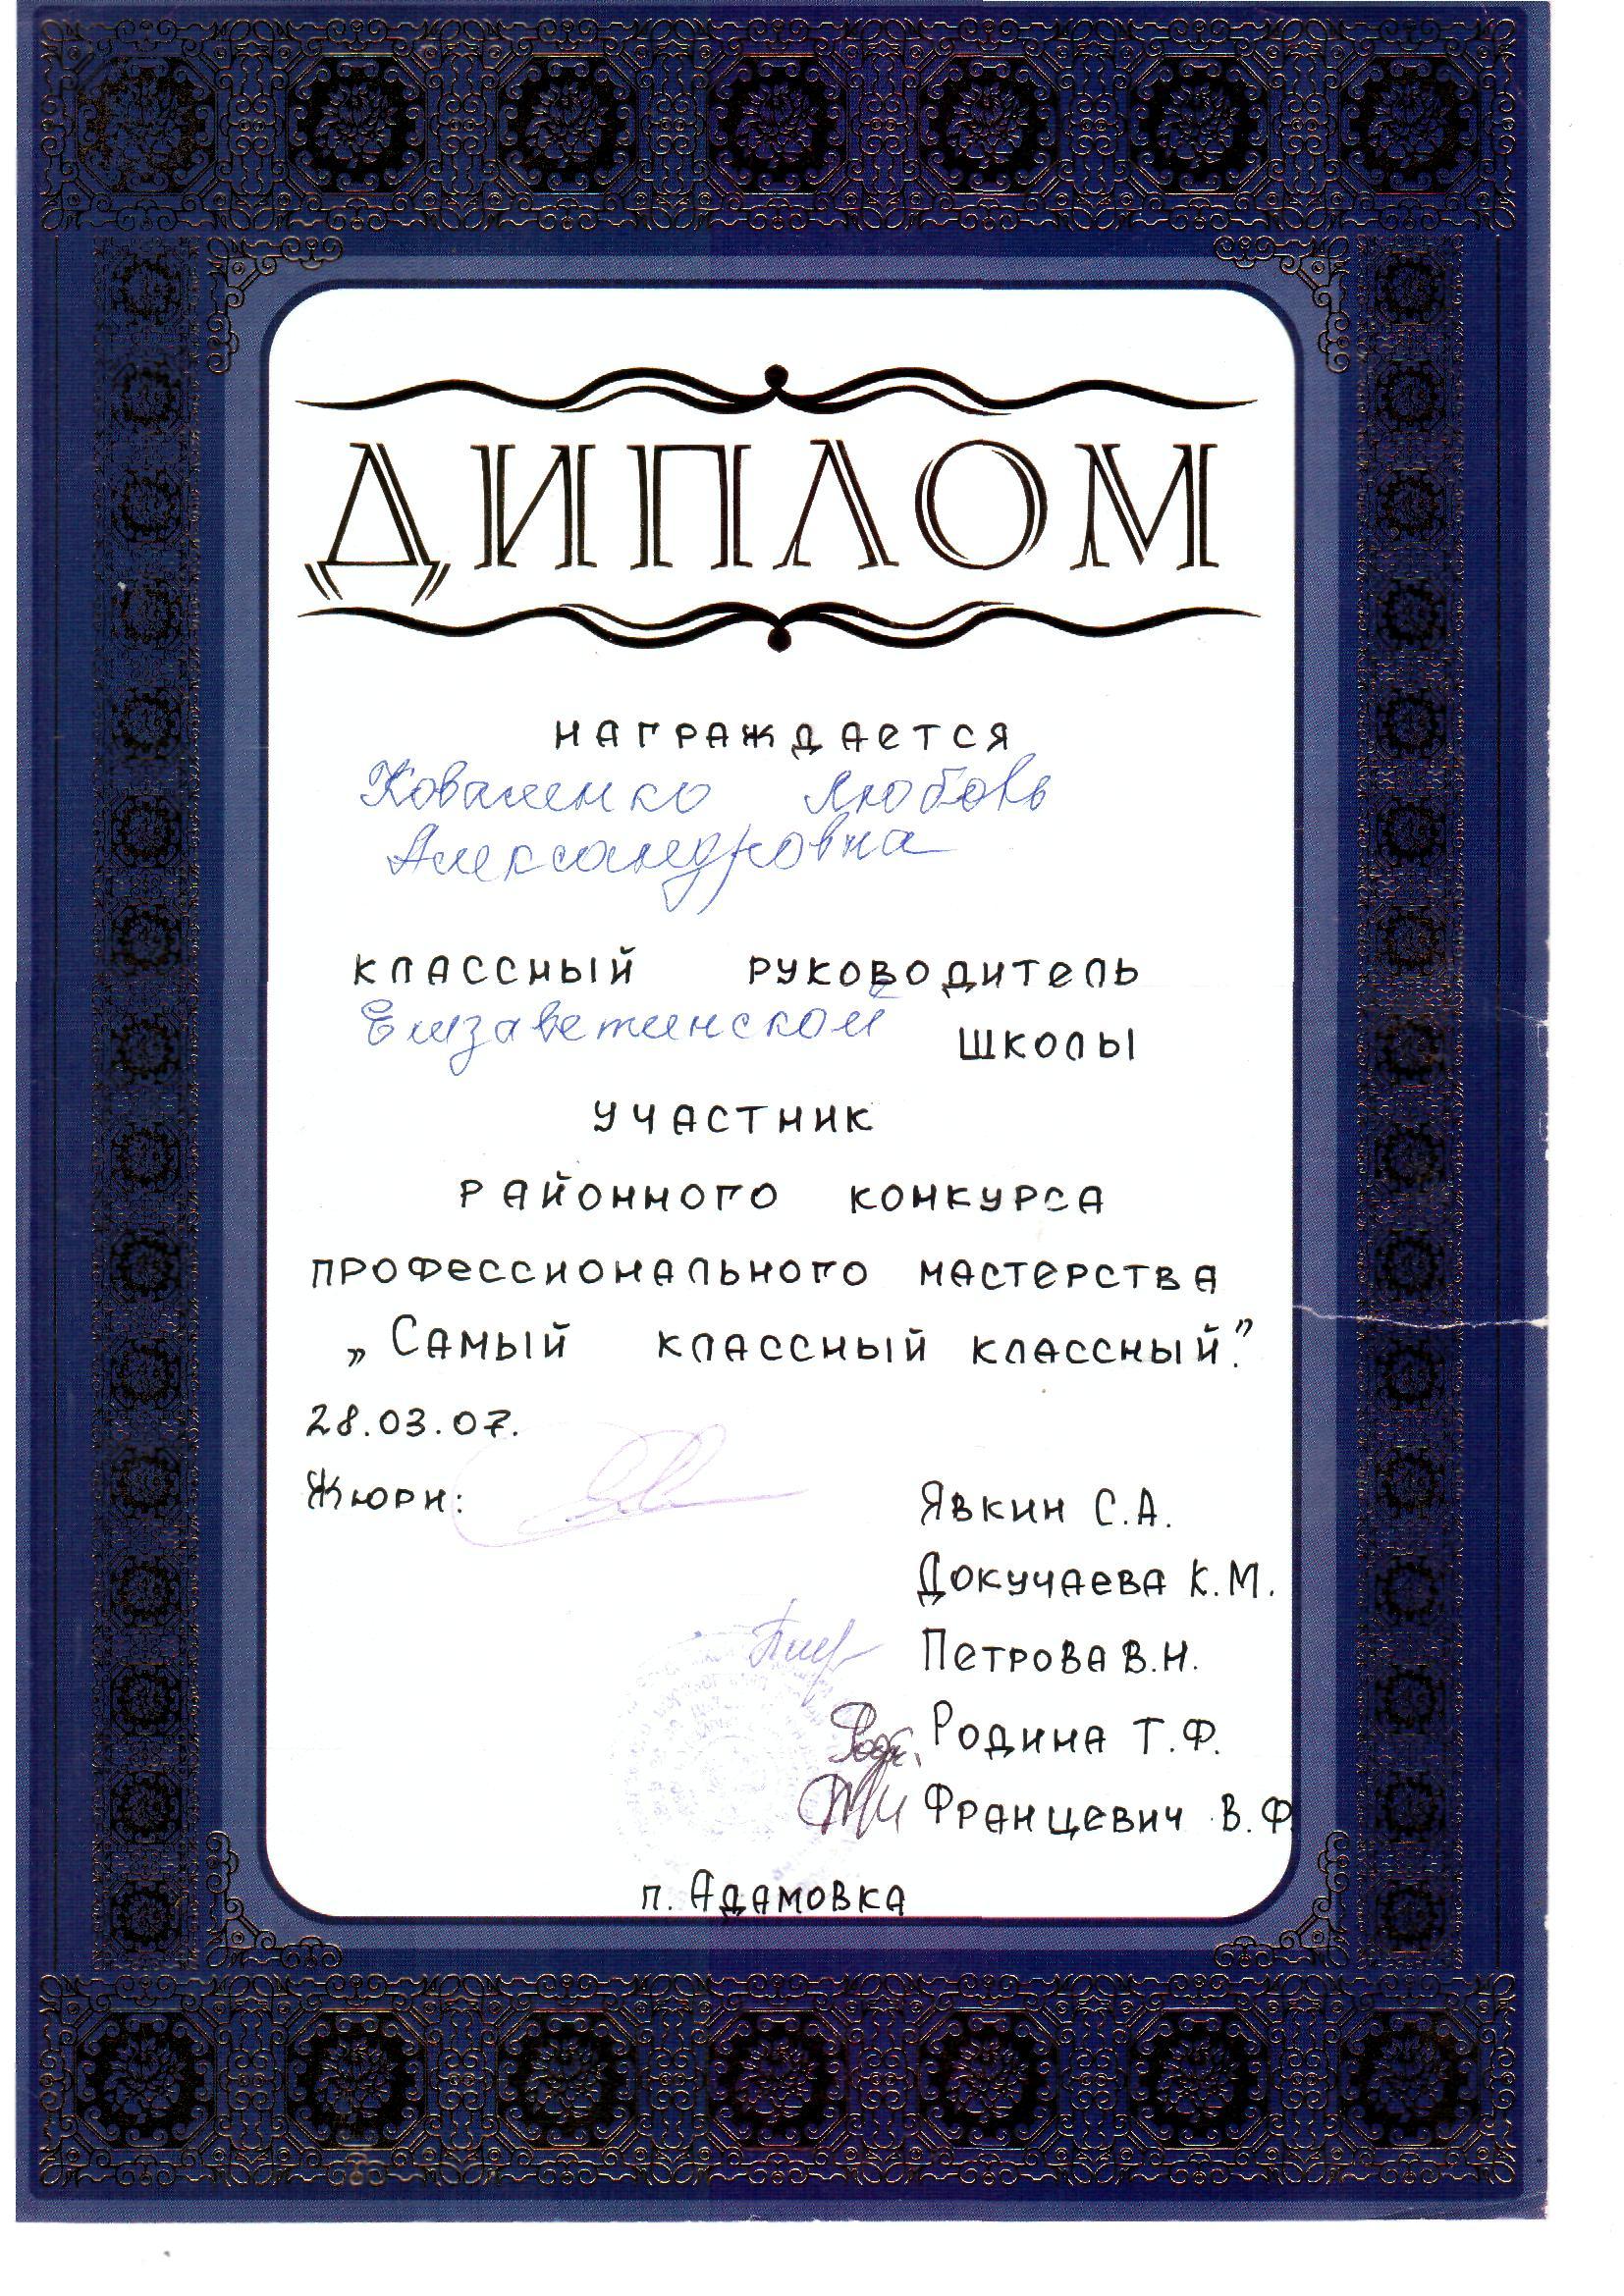 F:\грамоты\sergei_752@mail.ru\helios84@mail.ru\коваленко0006.jpg